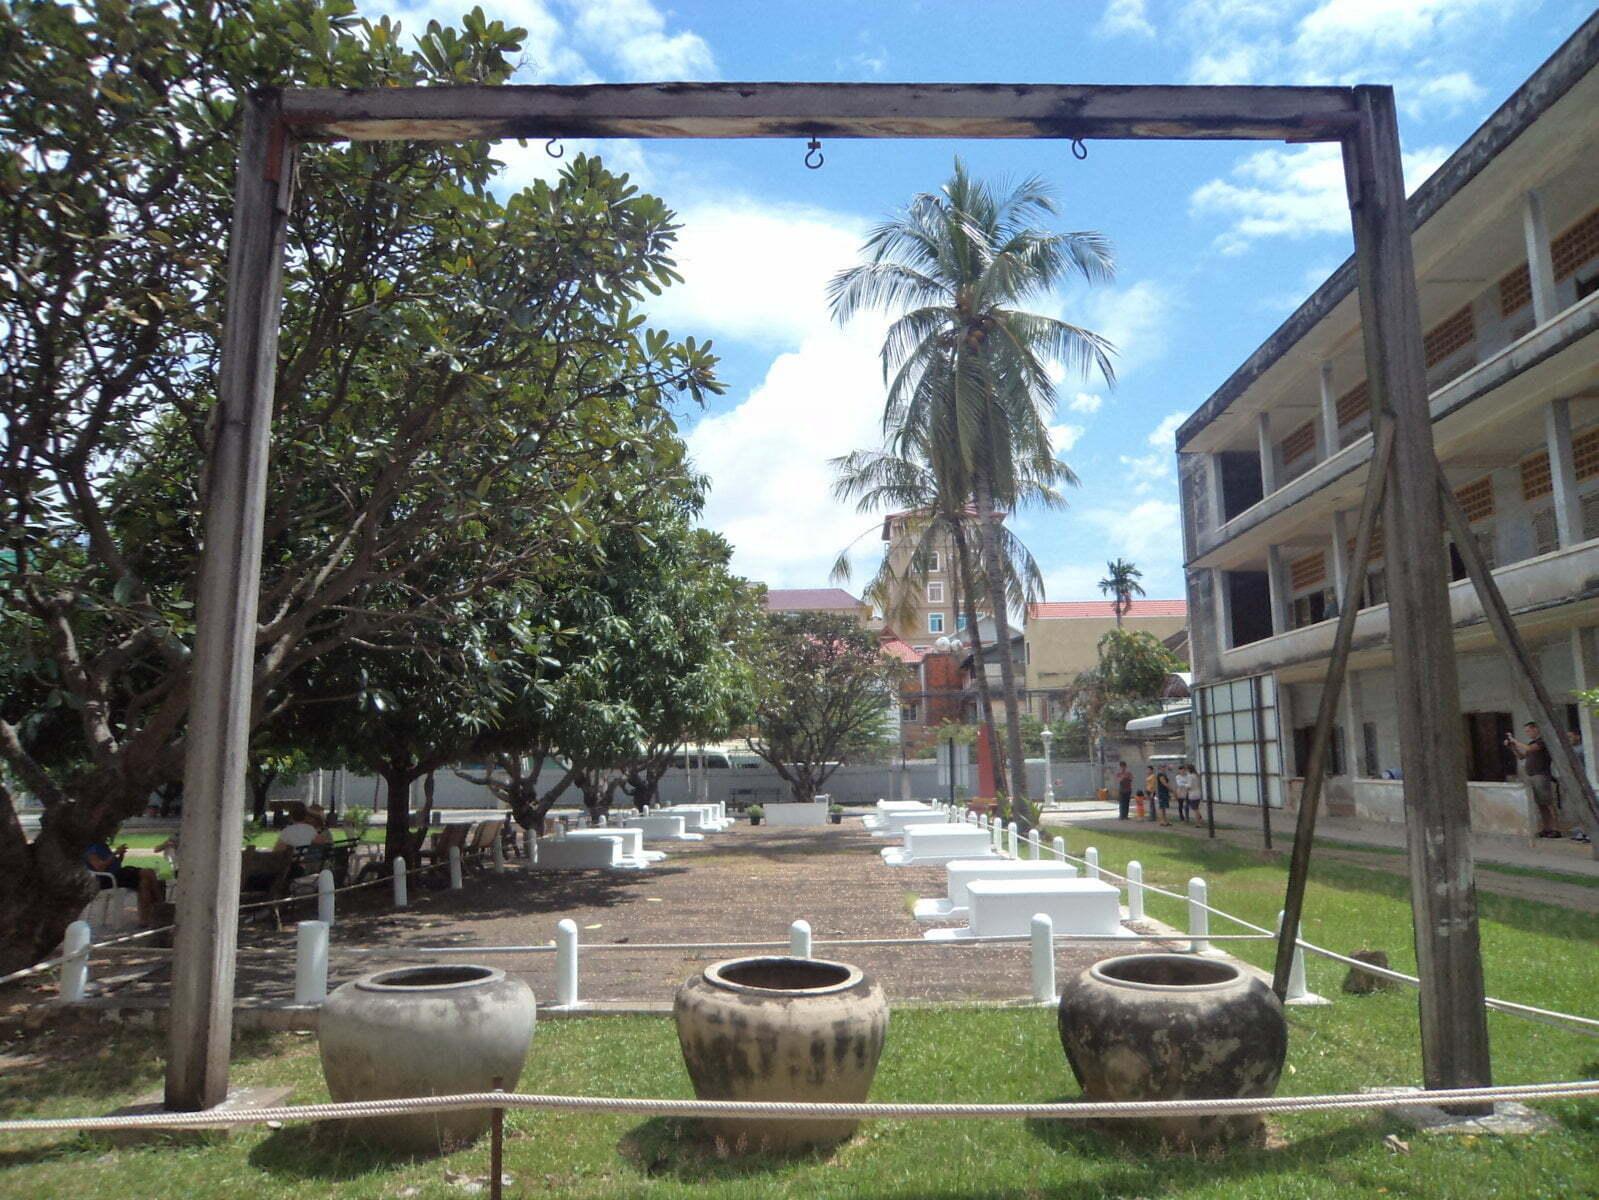 Apetrechos de tortura na Prisão Toul Sleng - Phnom Penh, Camboja